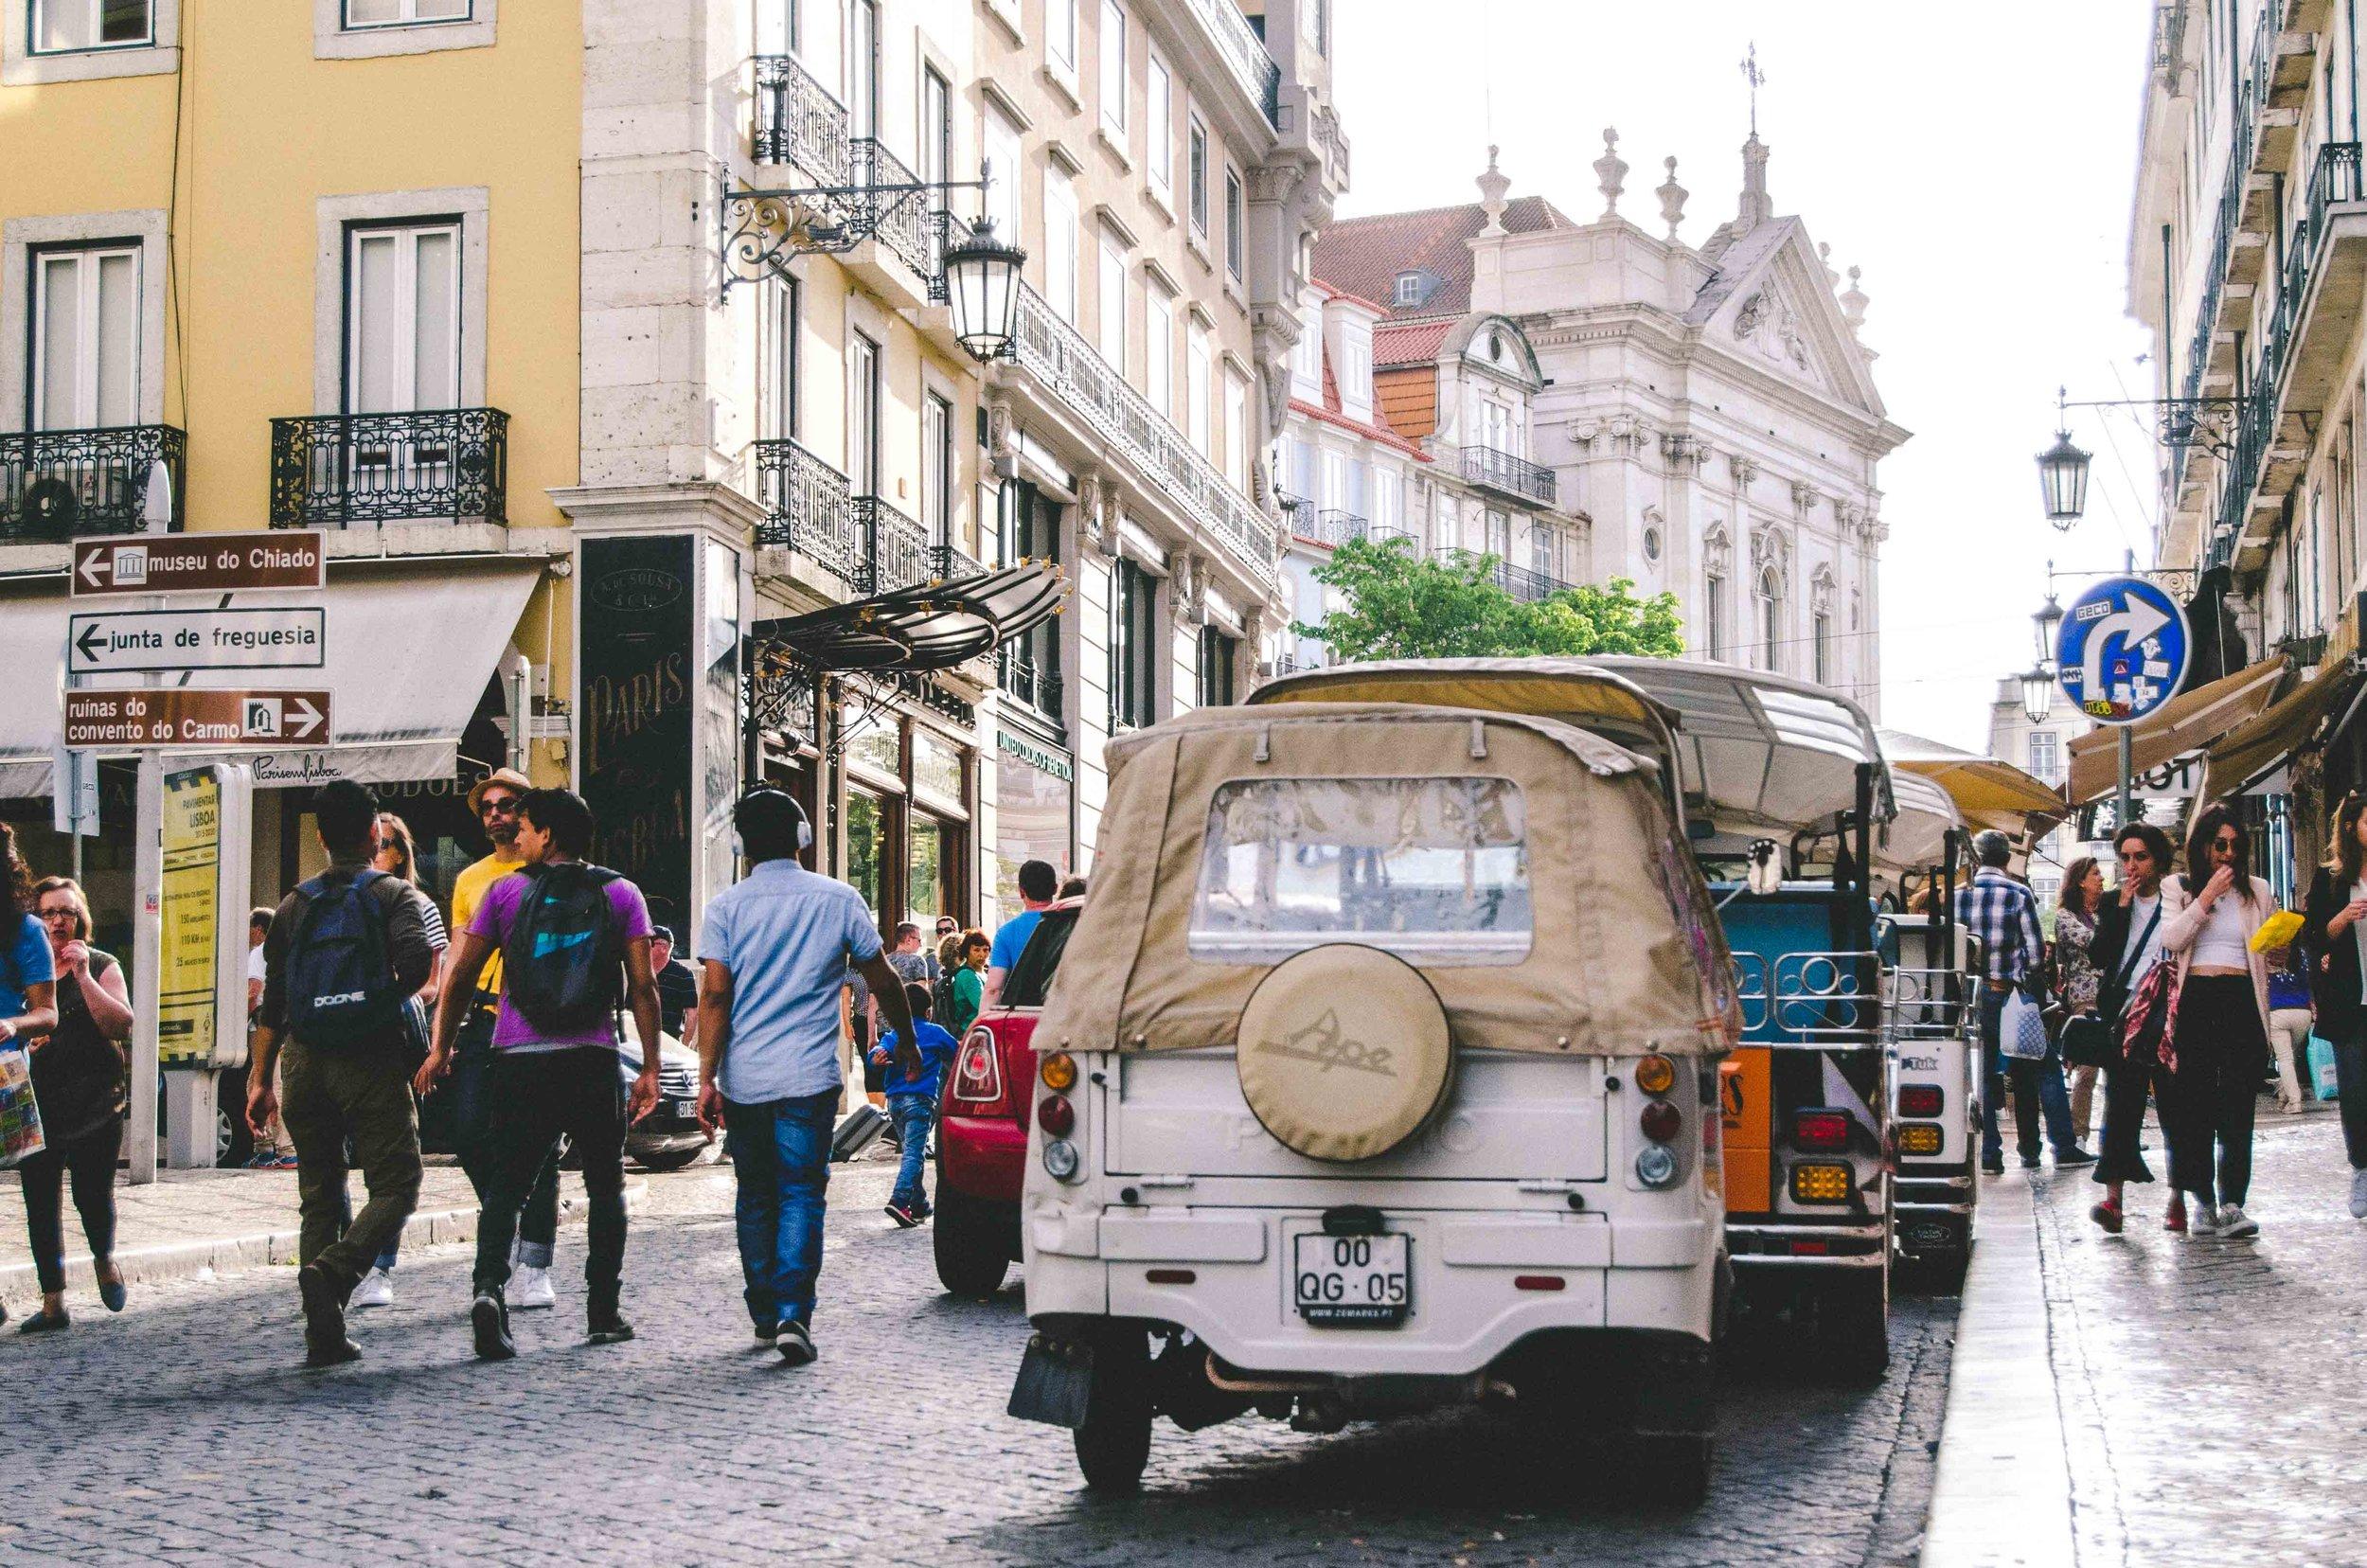 schoenmaker_portugalblog-6.jpg